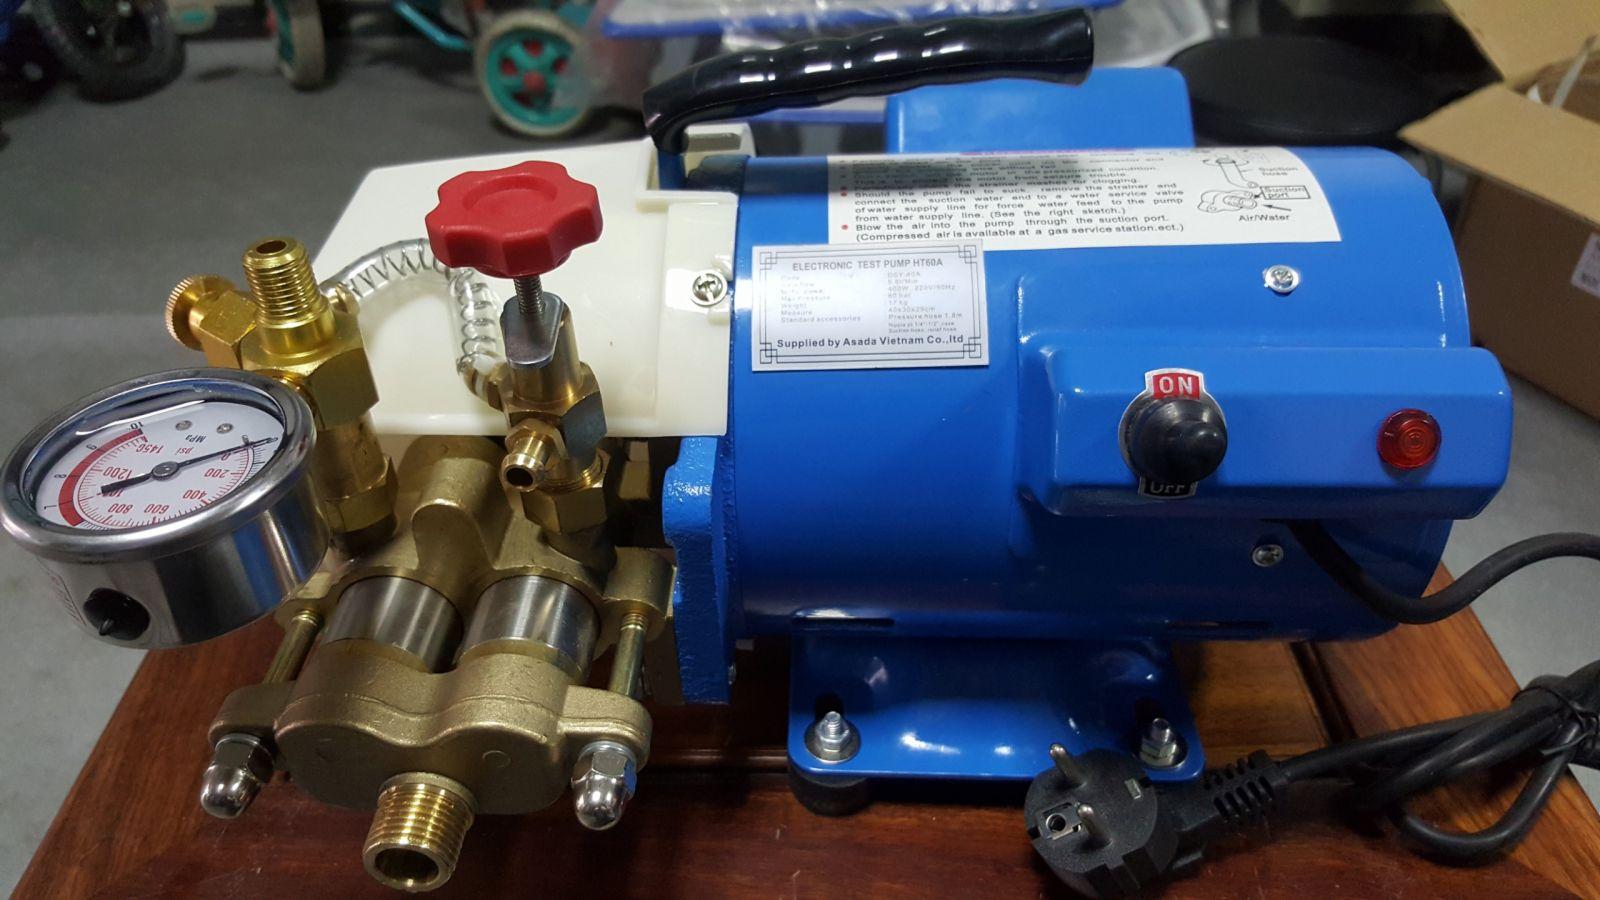 Thiết bị kiểm tra áp lực đường ống bằng điện HT60A